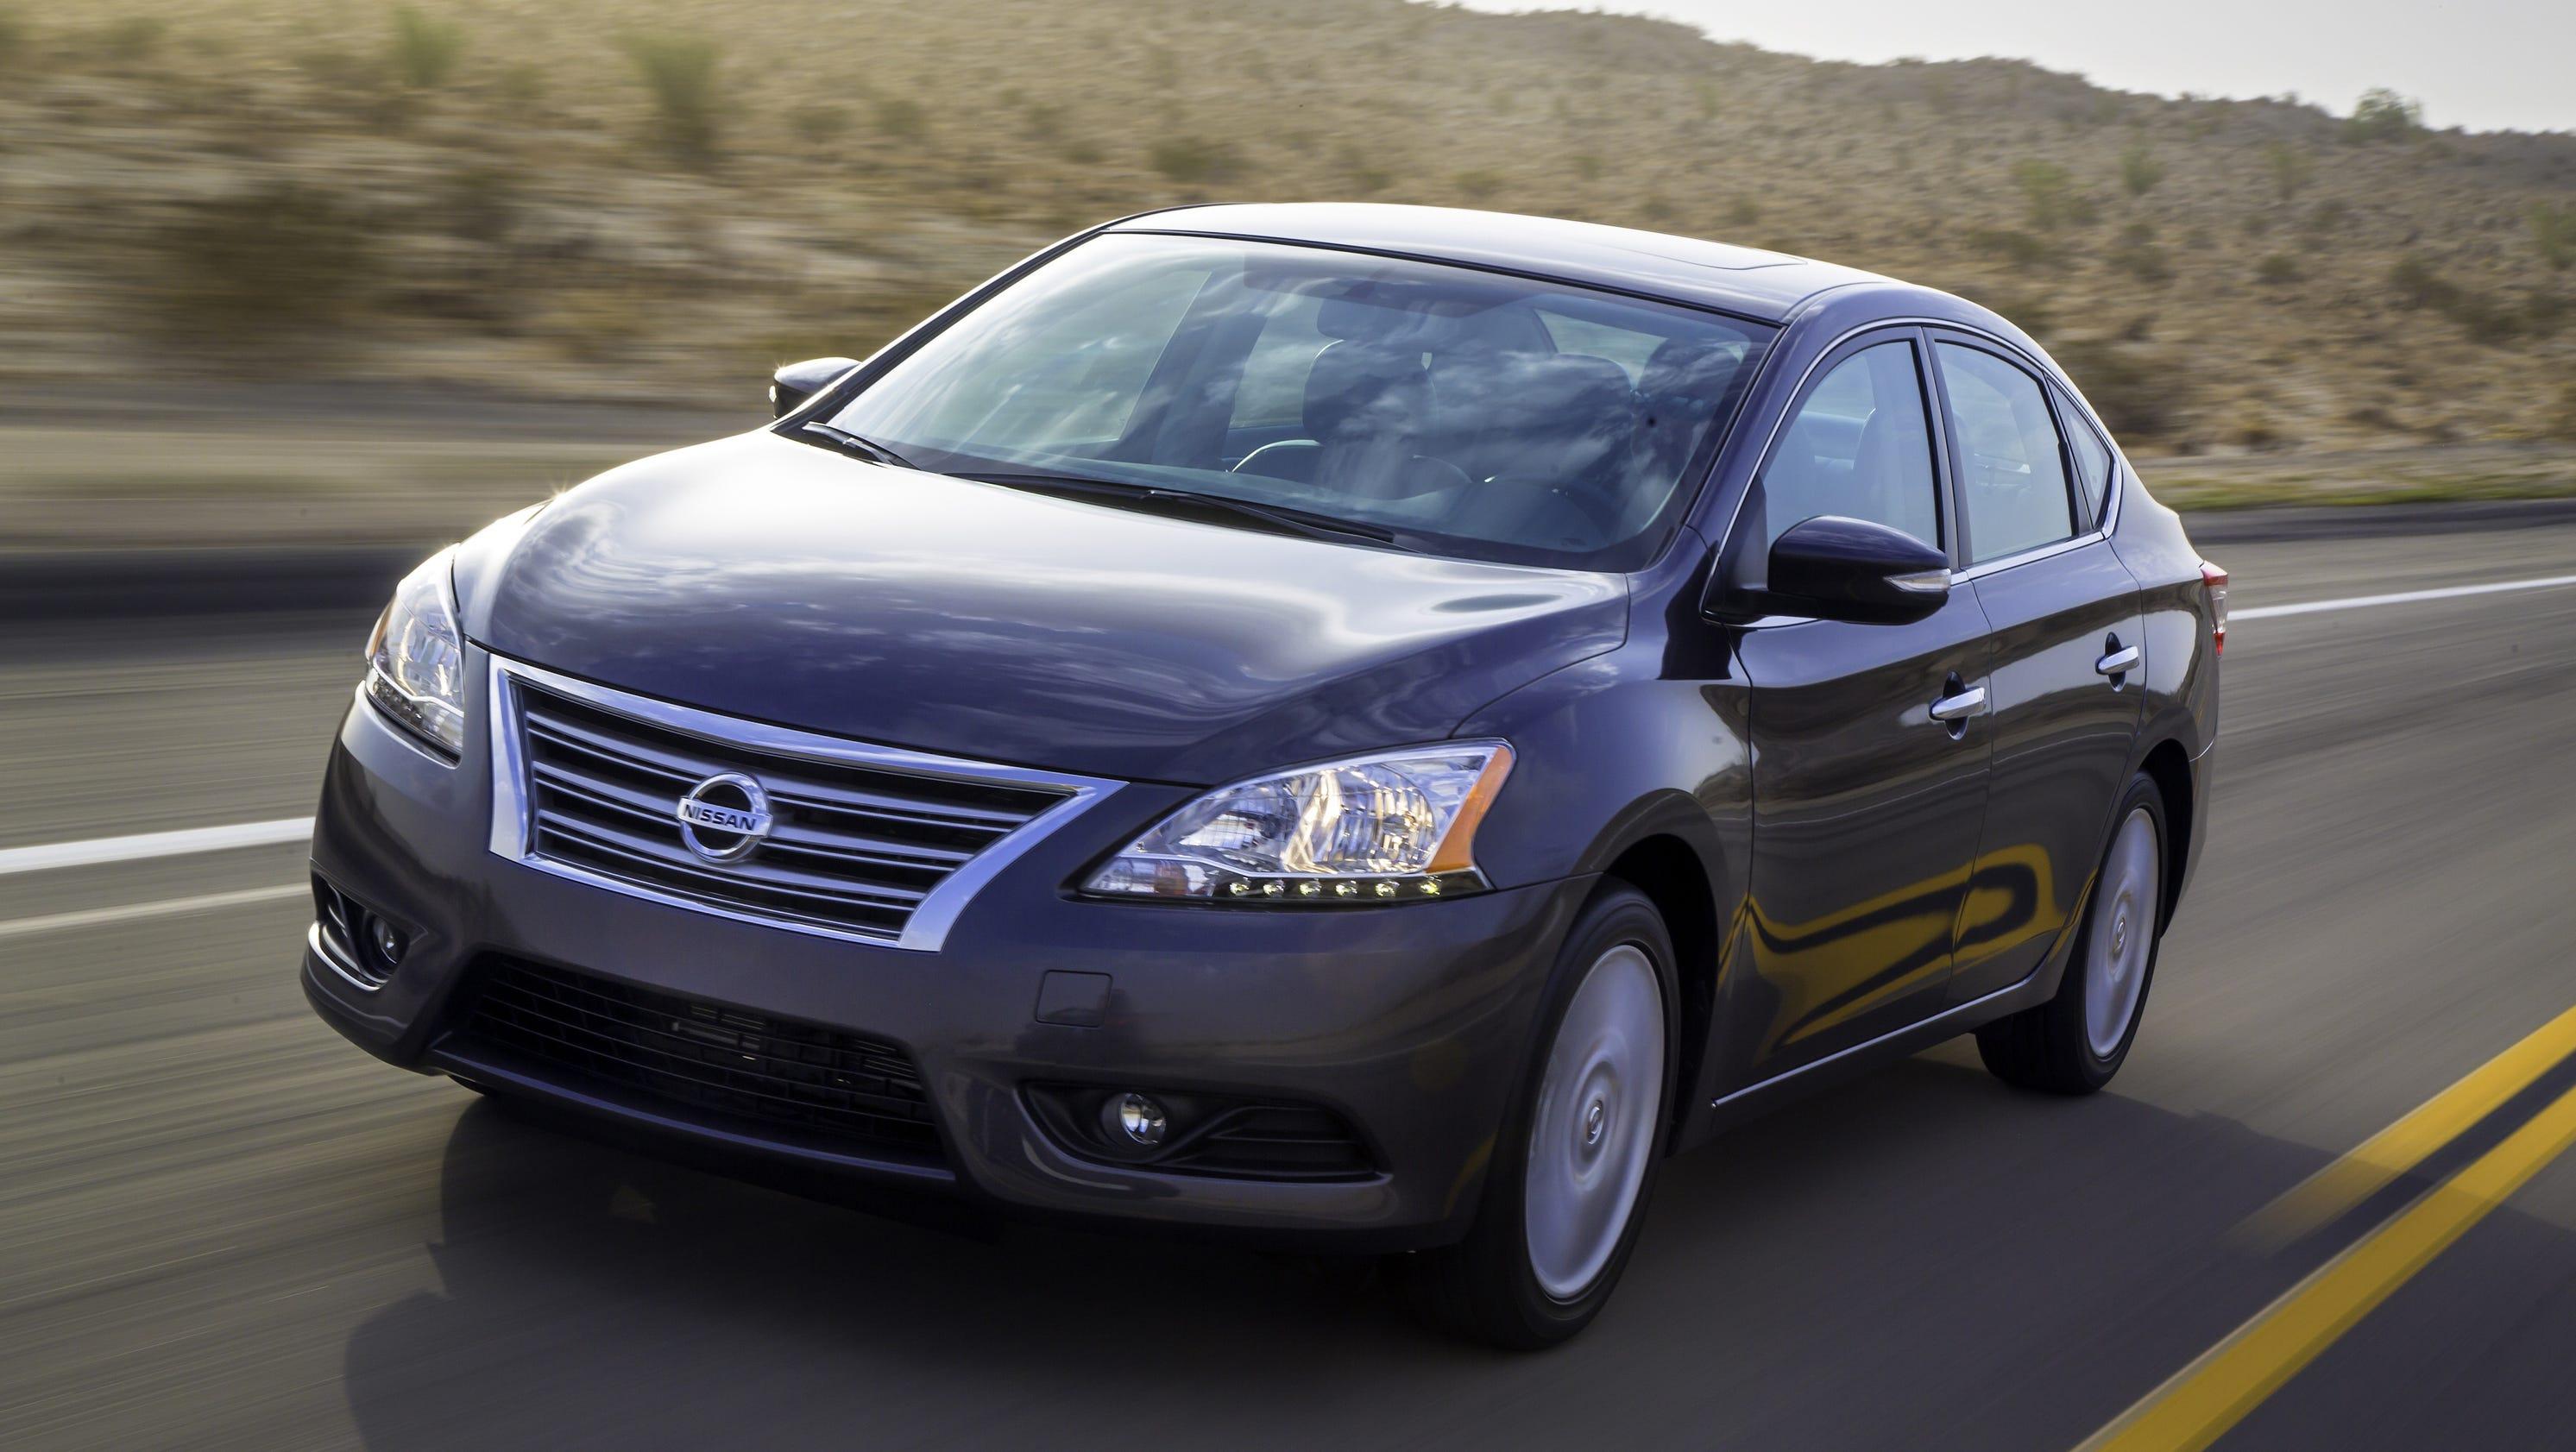 Nissan Recalls Nearly 1m Cars For Air Bag Failure